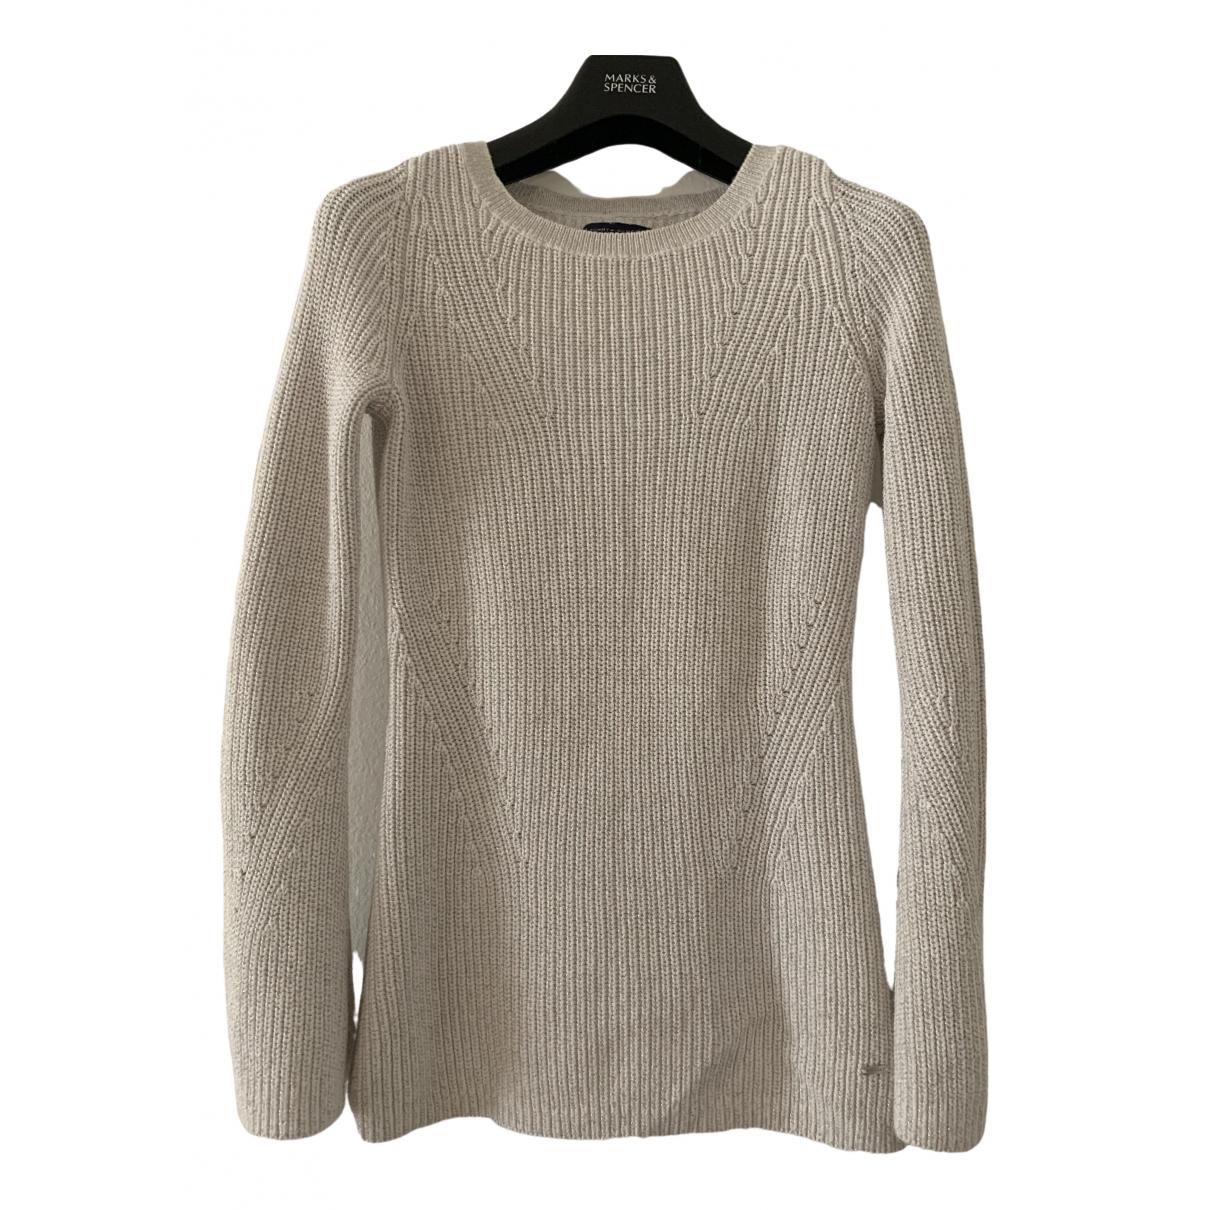 Tommy Hilfiger \N Silver Cotton Knitwear for Women XS International